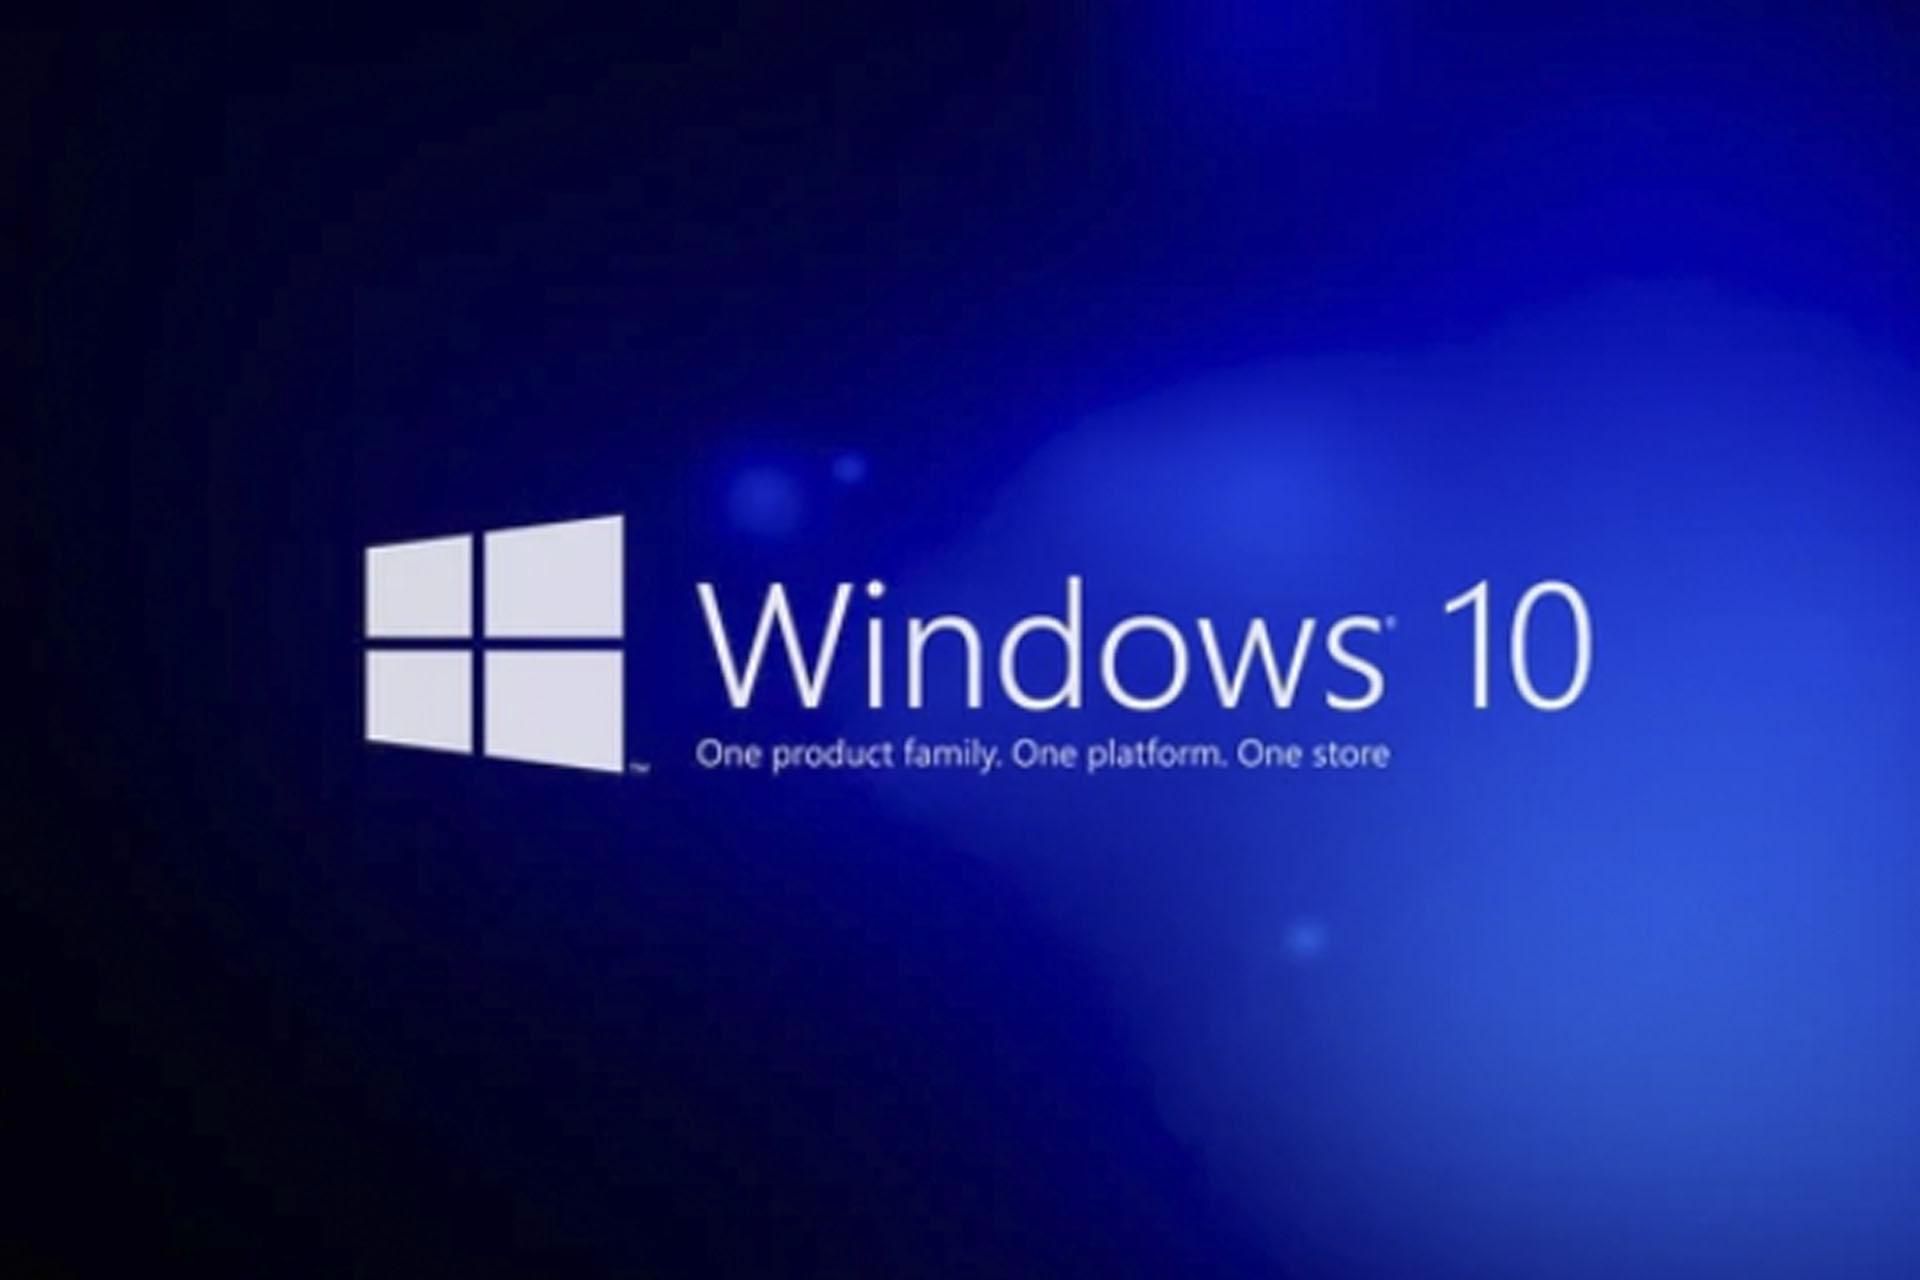 Brasil le exige a Windows10 no recolectar datos para operar